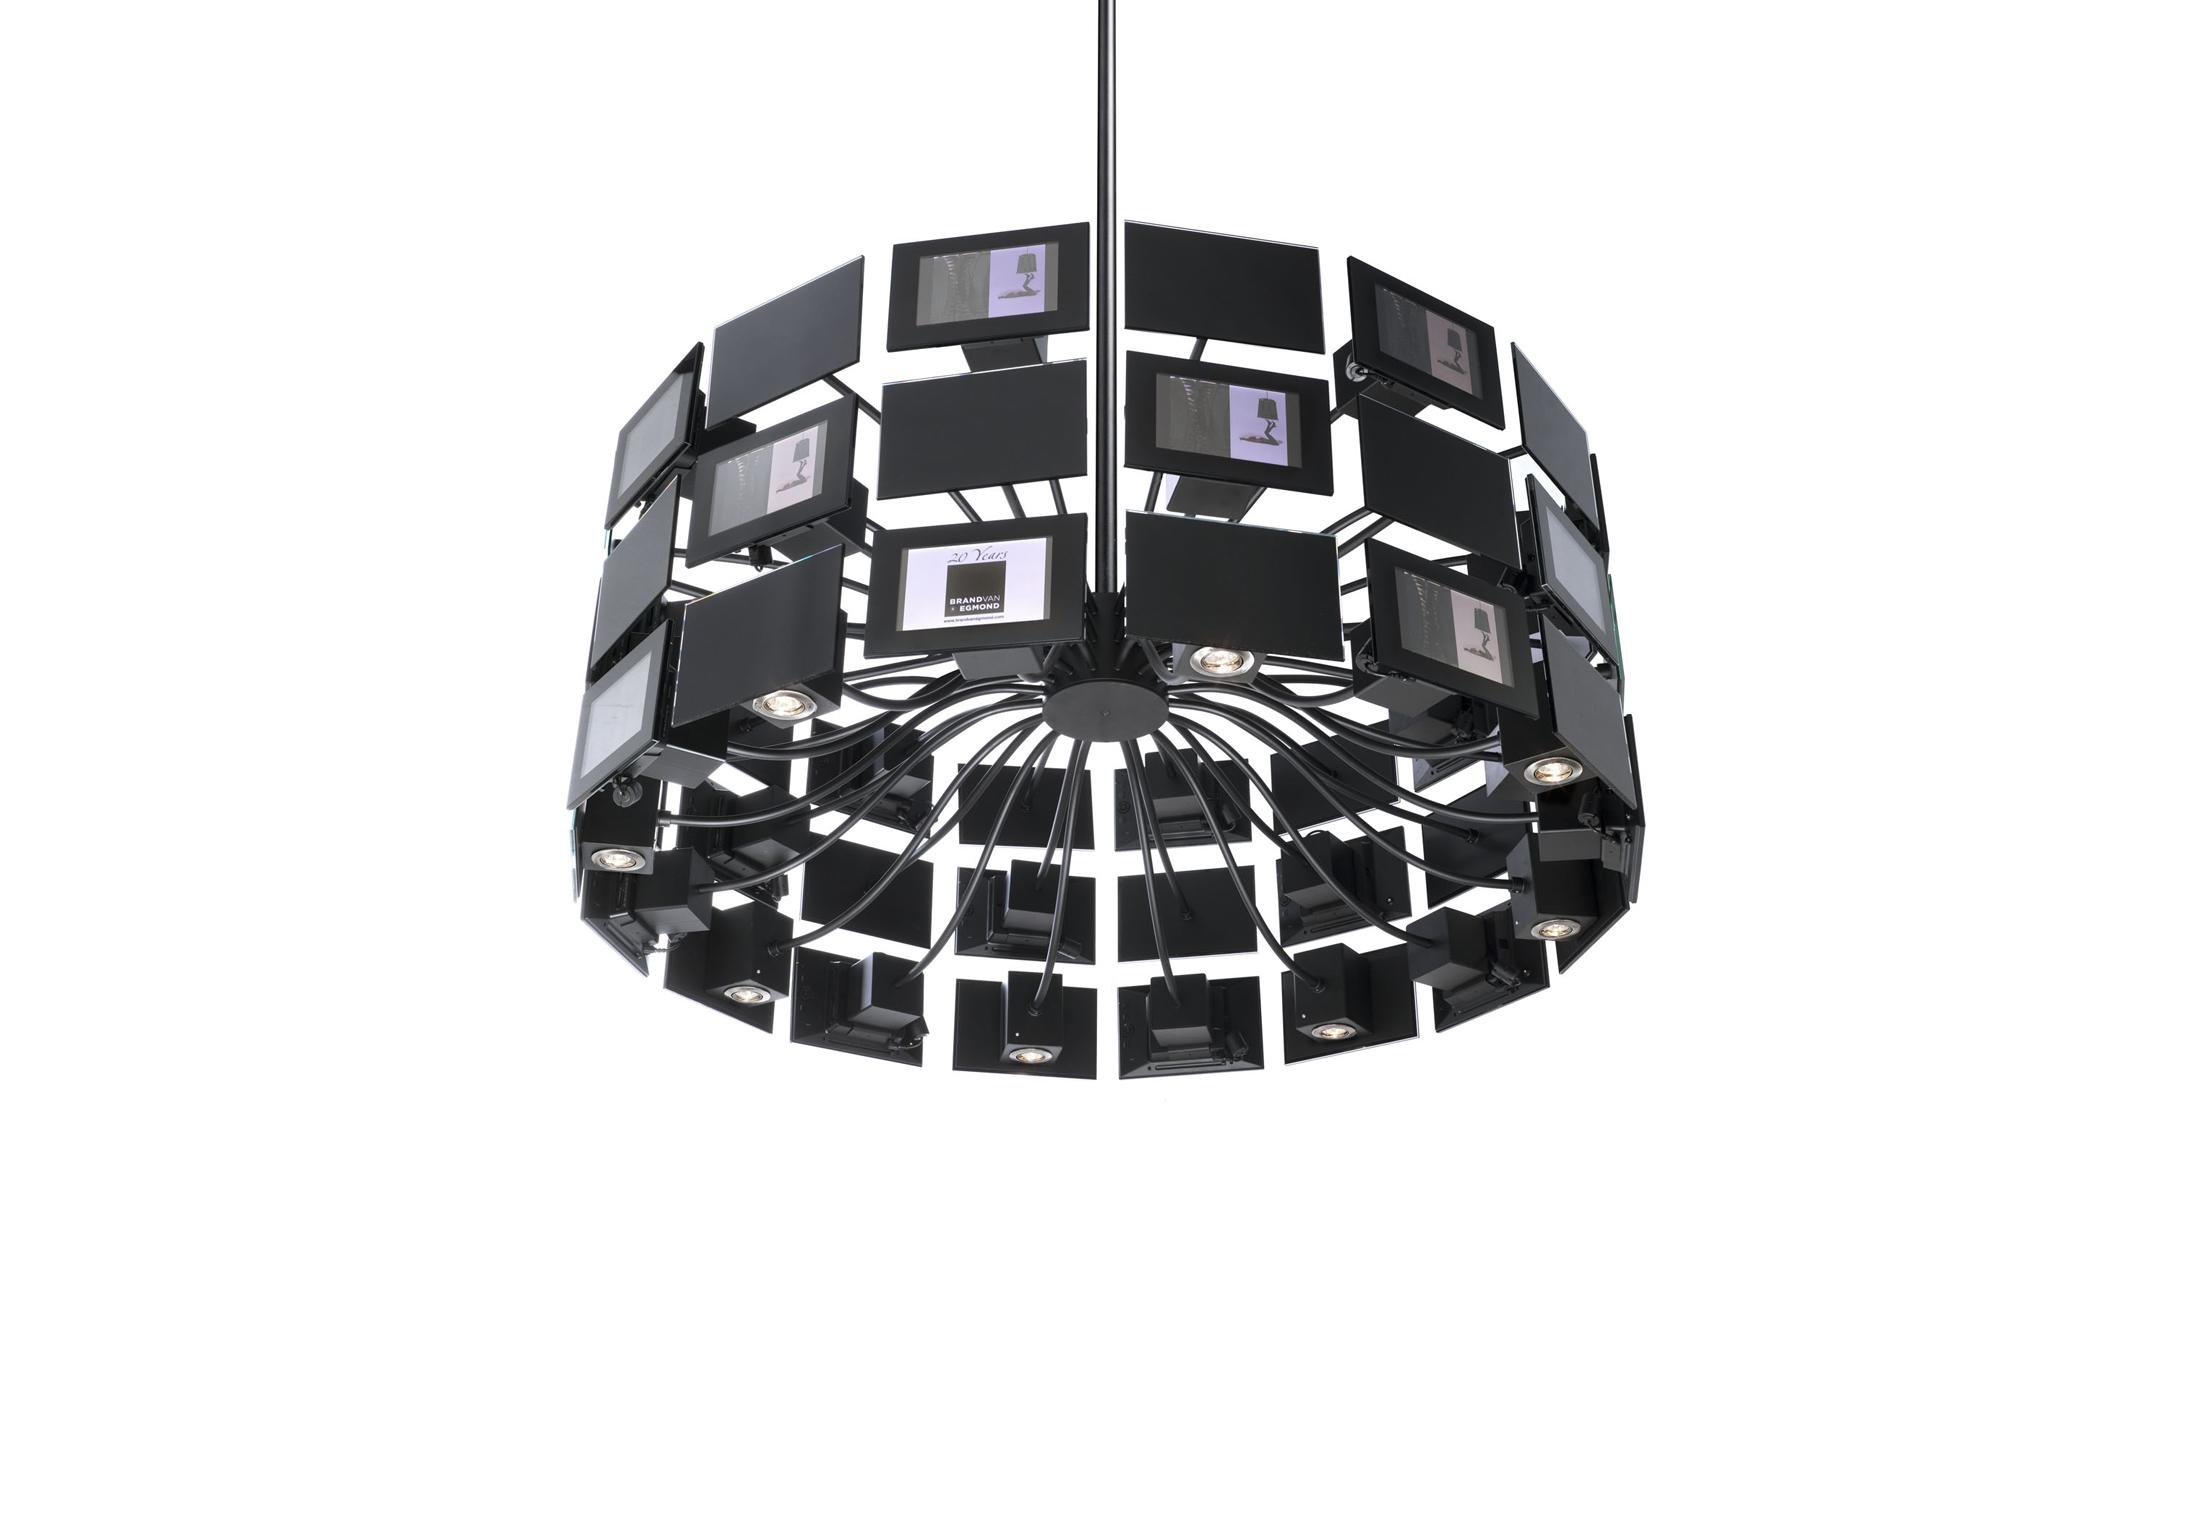 digital dreams kronleuchter rund gross von brand van egmond stylepark. Black Bedroom Furniture Sets. Home Design Ideas